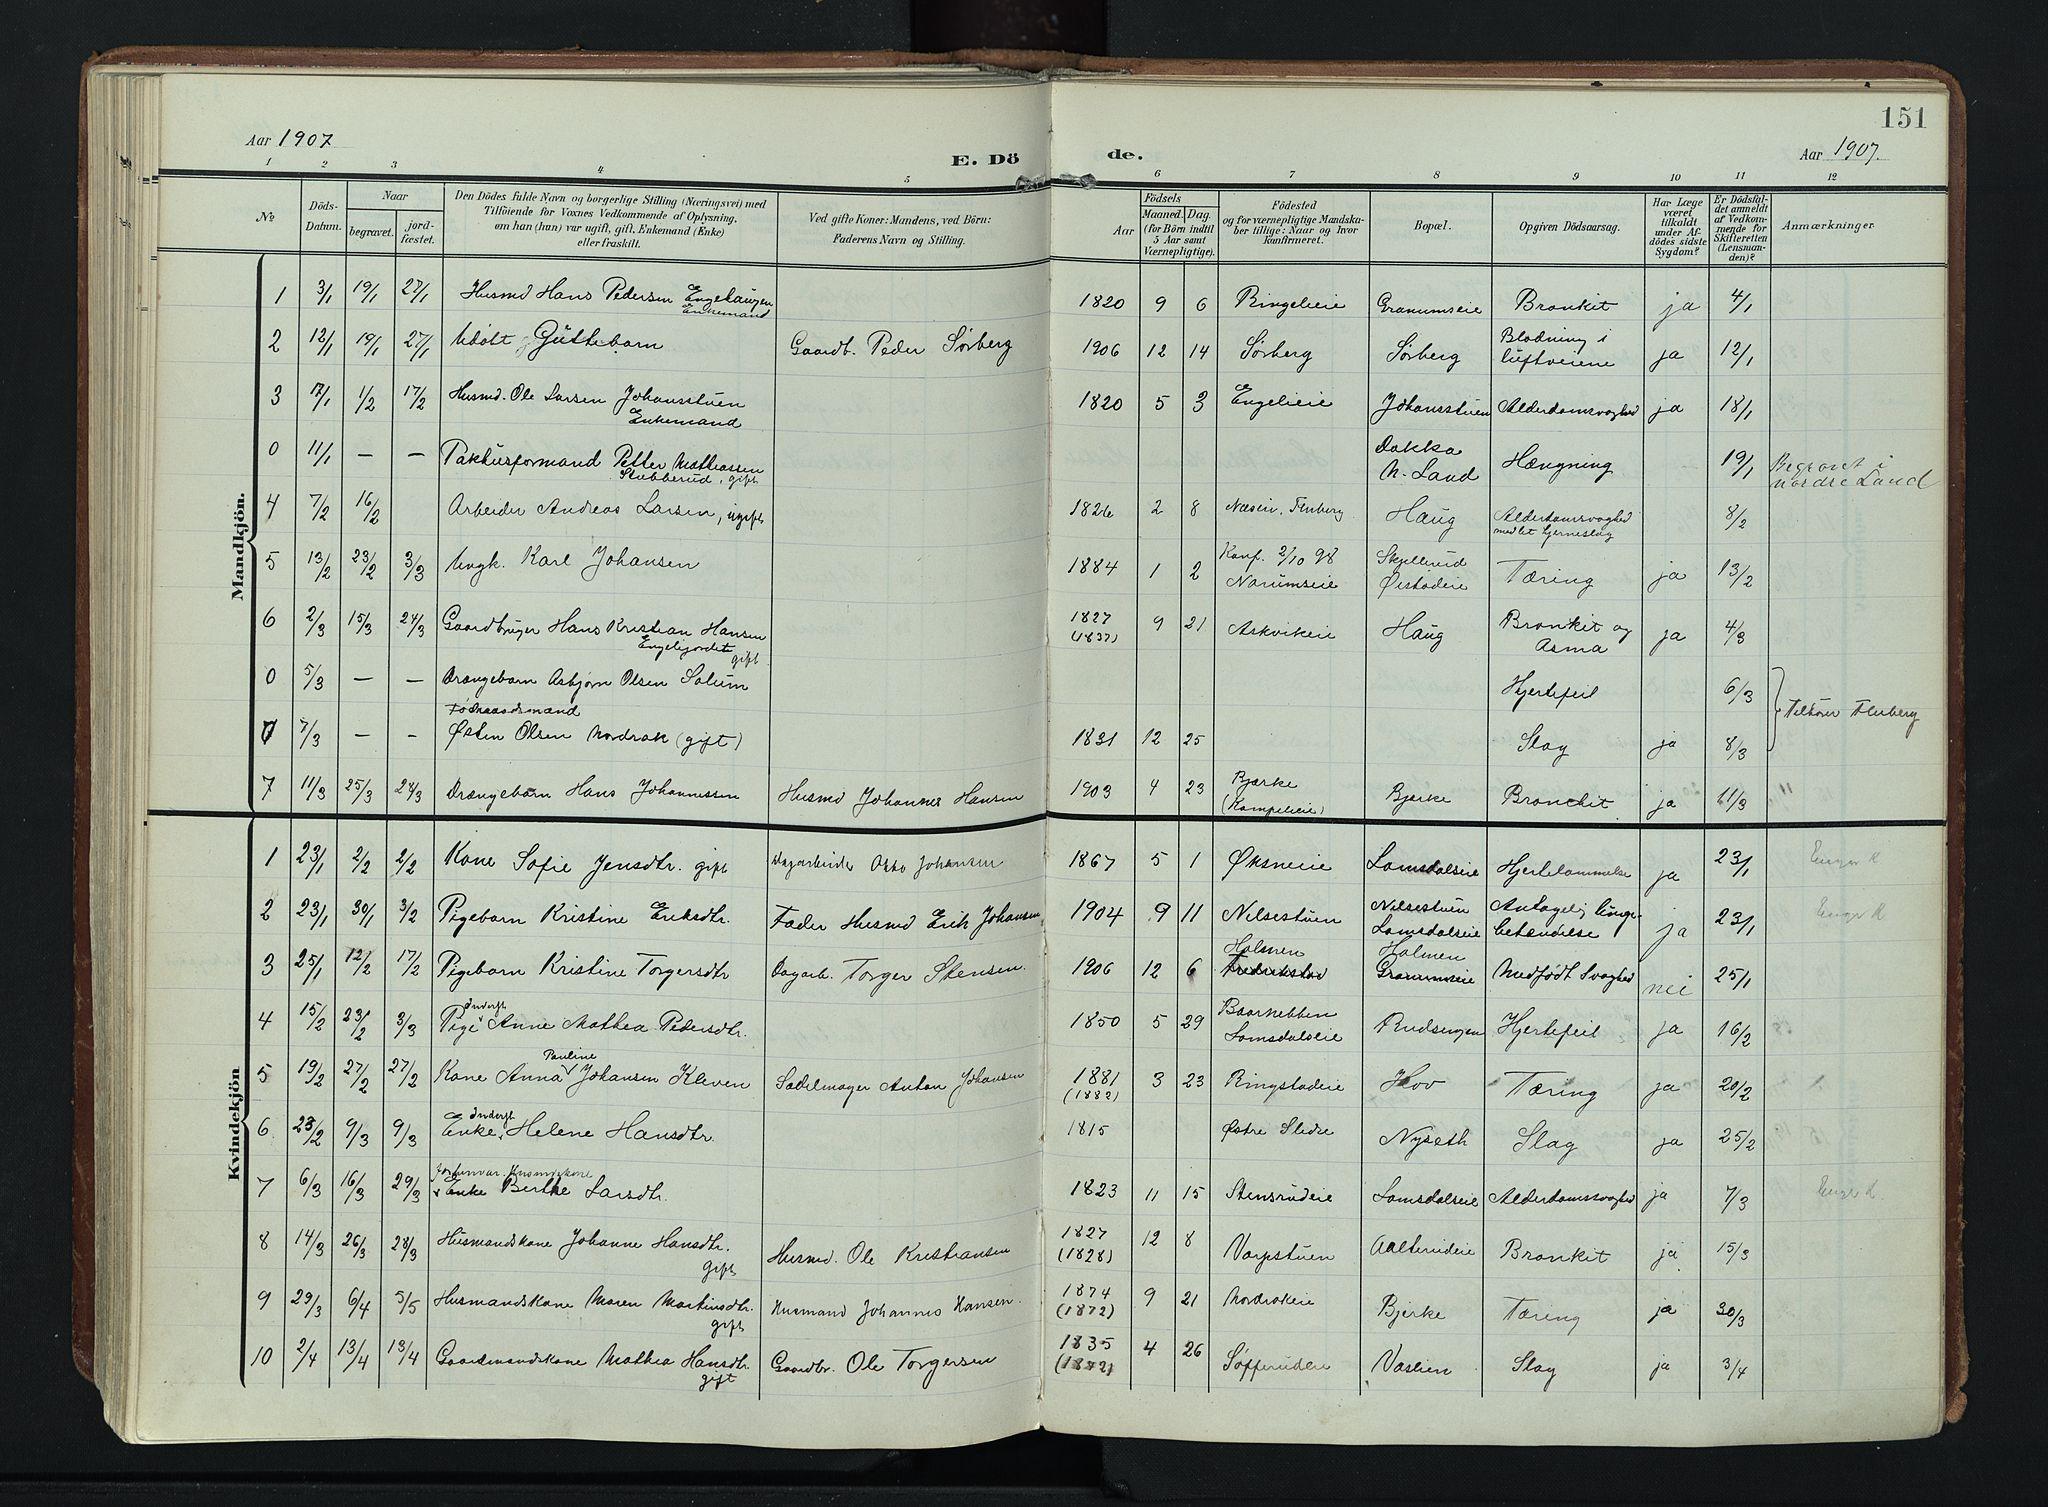 SAH, Søndre Land prestekontor, K/L0007: Ministerialbok nr. 7, 1905-1914, s. 151